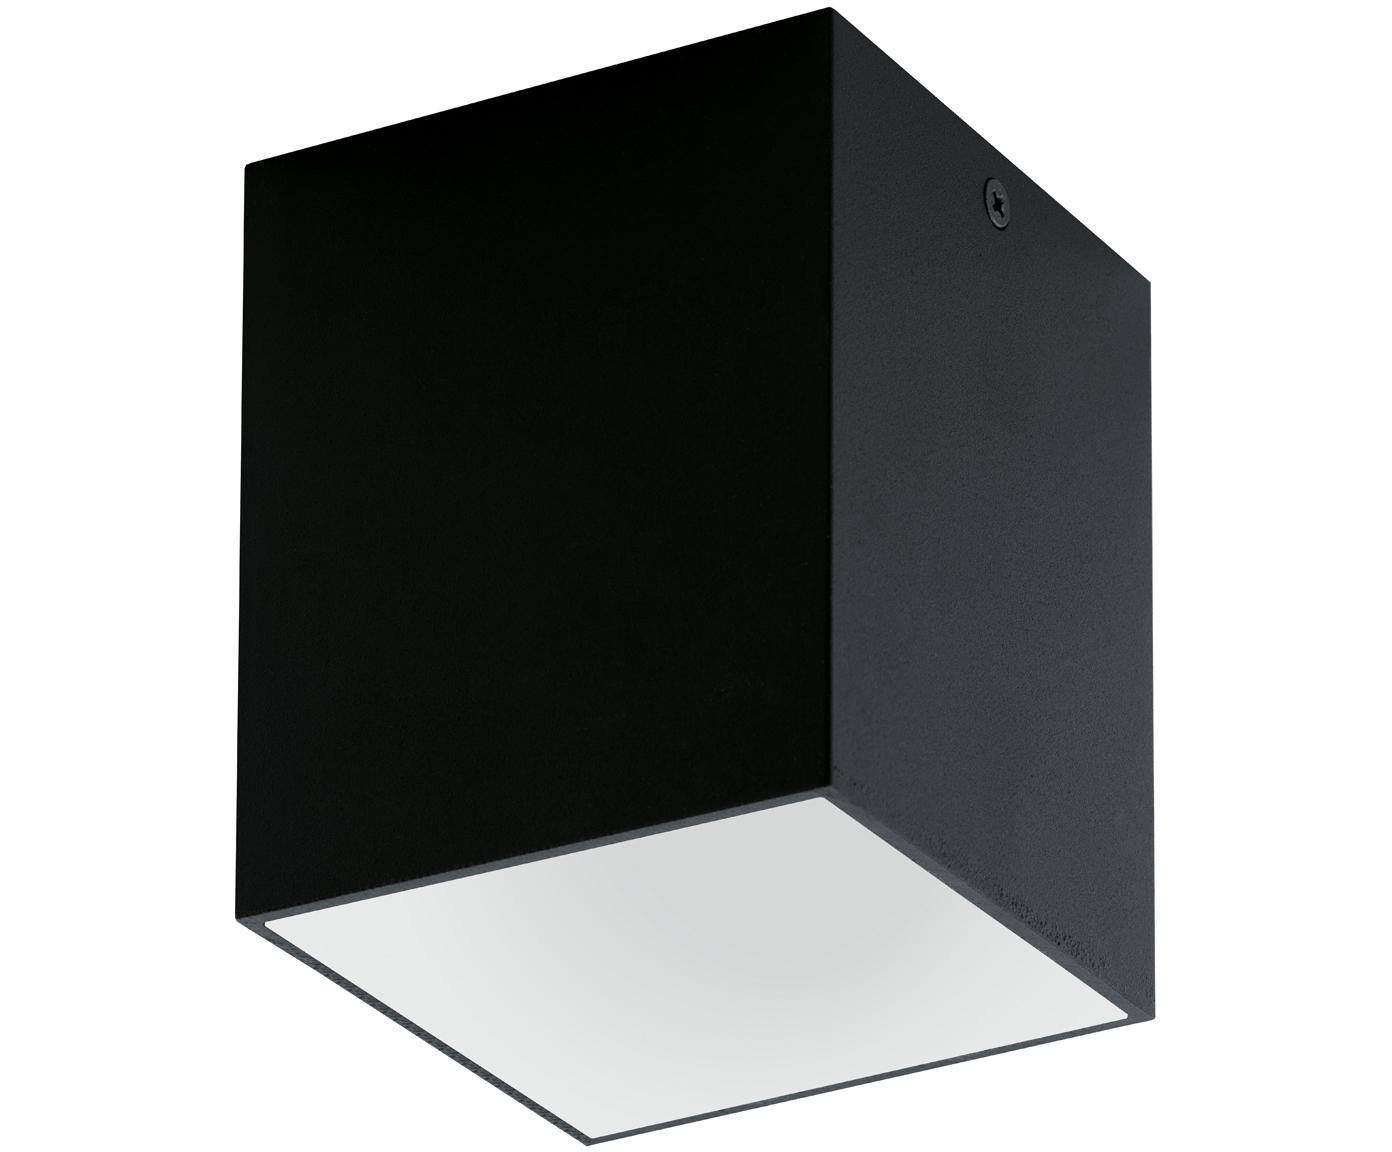 LED Deckenspot Marty, Metall, pulverbeschichtet, Schwarz,Weiss, 10 x 12 cm